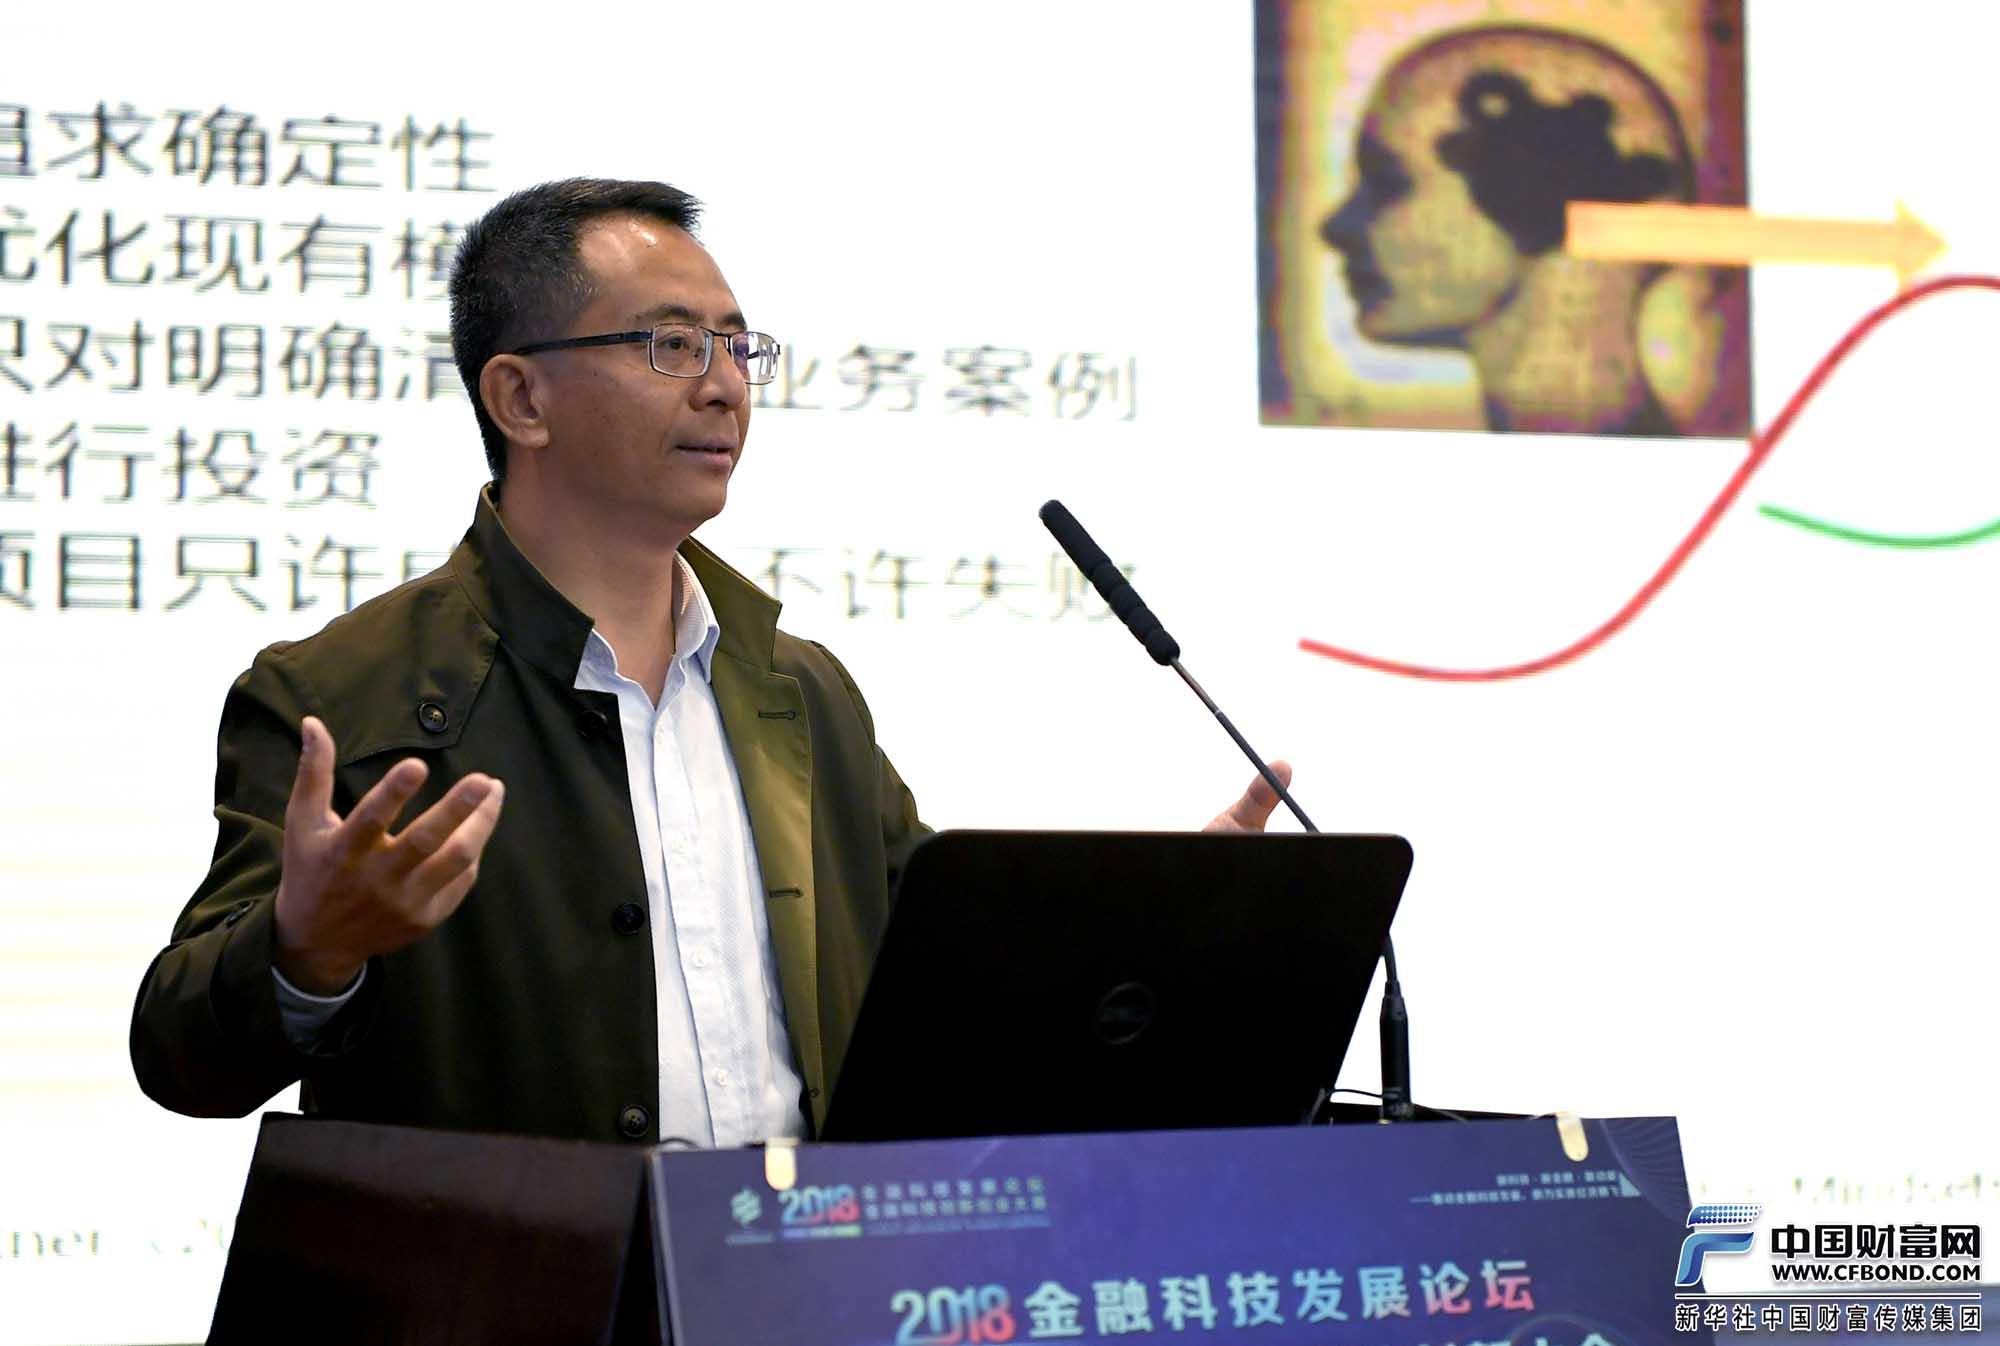 兴业数字金融服务(上海)股份有限公司监事长杨忠演讲